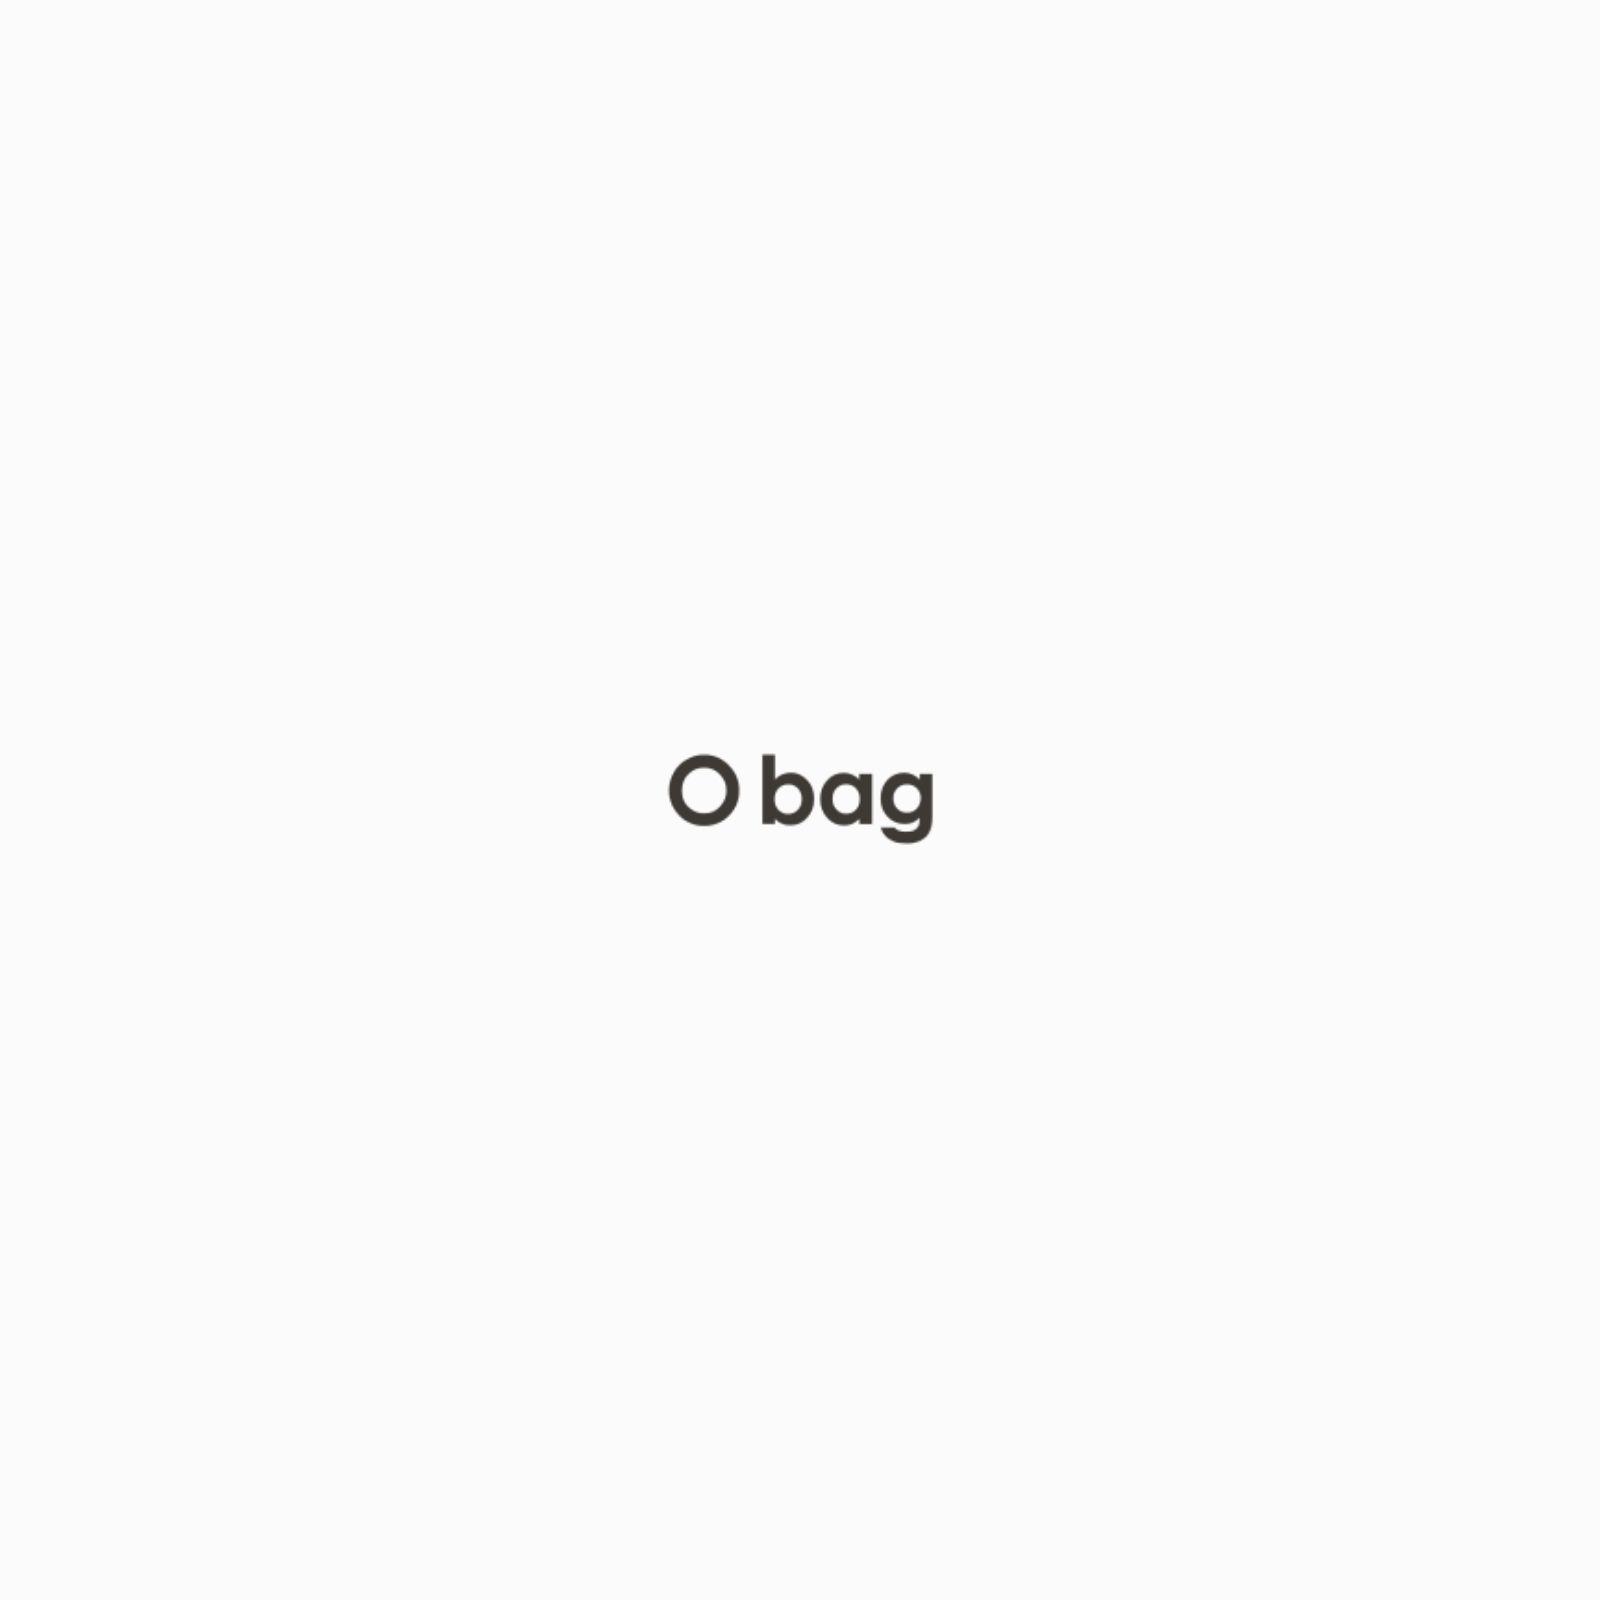 interno borsa o bag